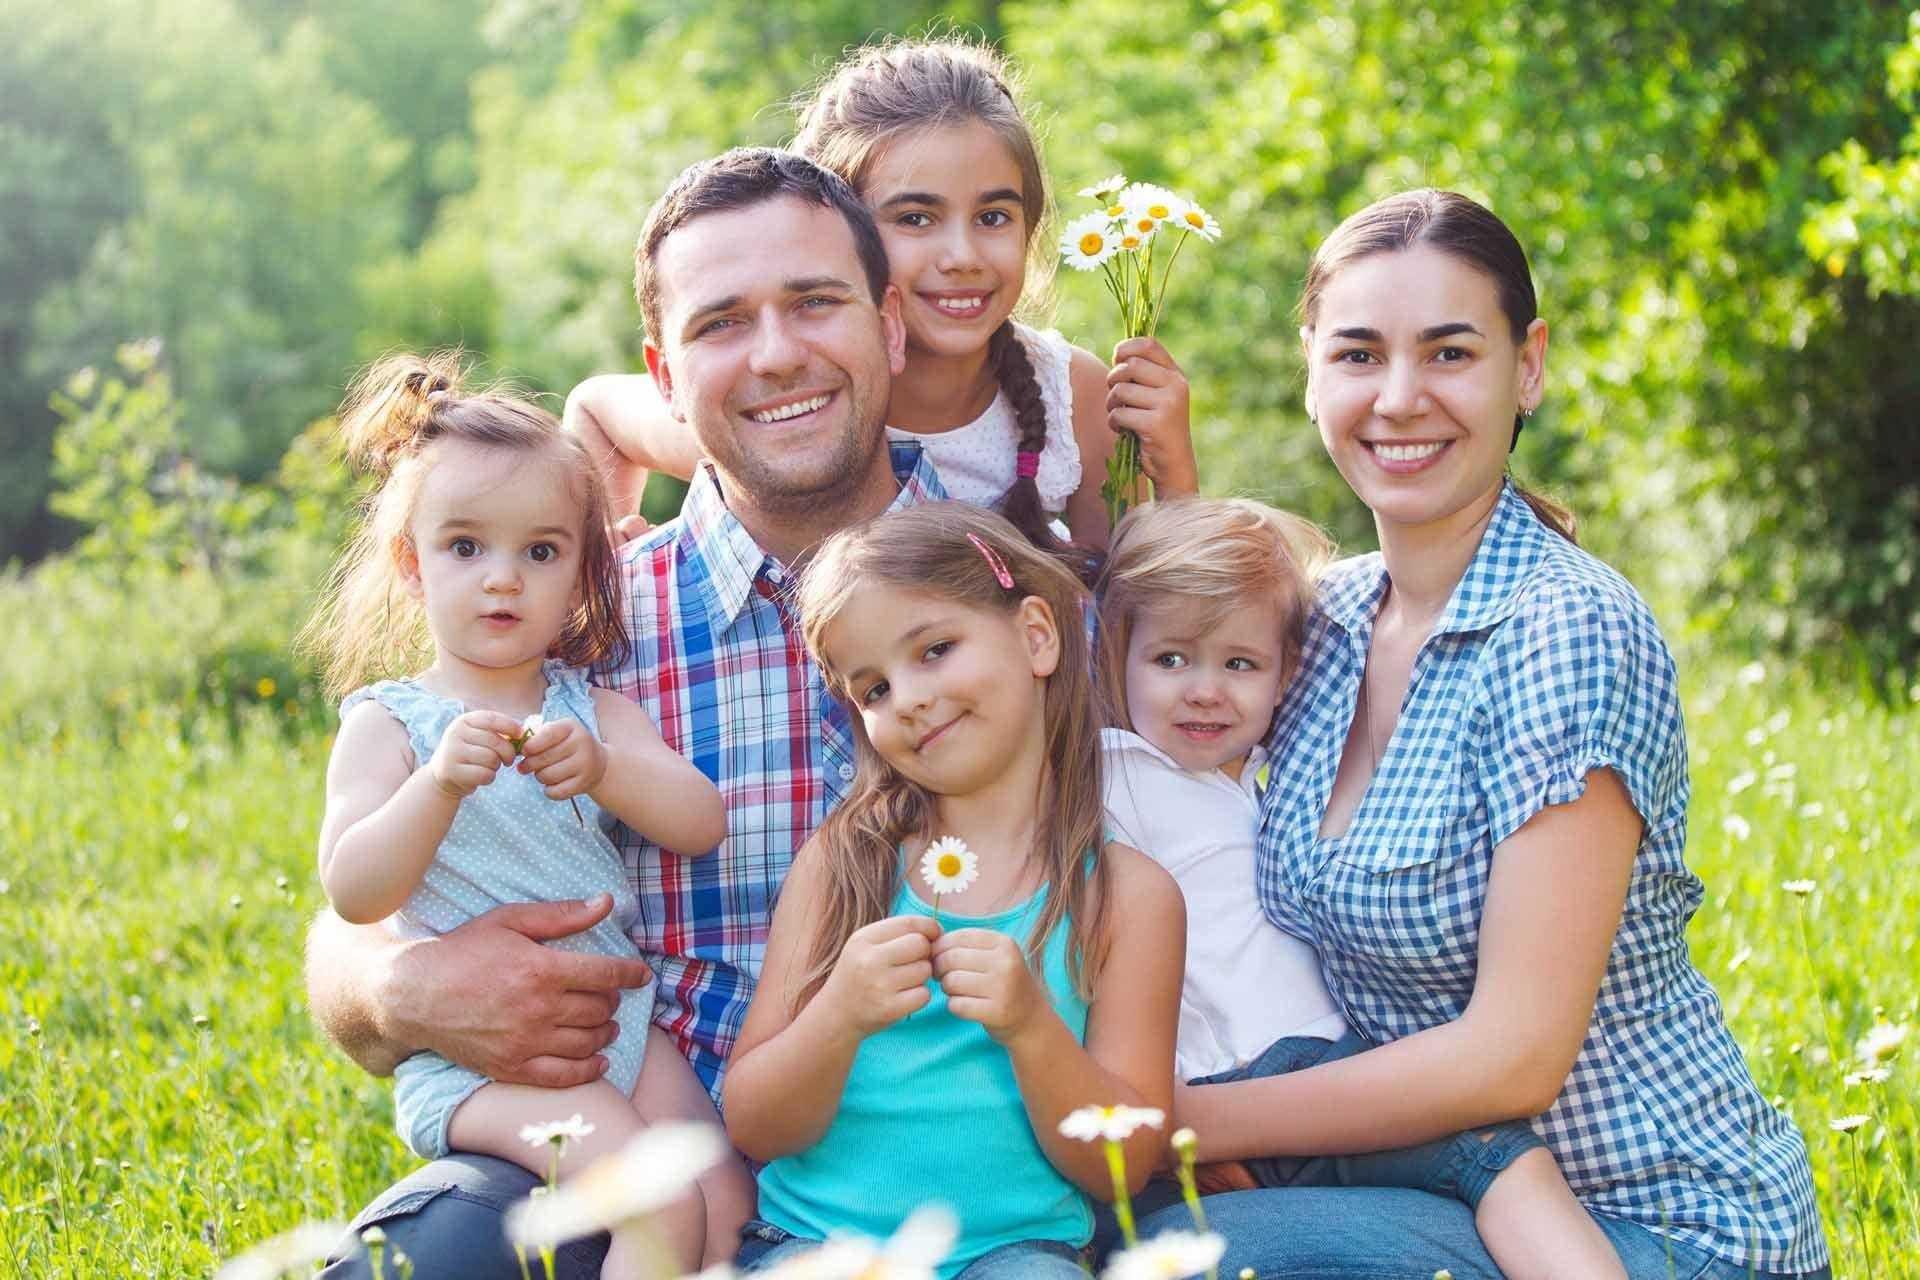 Опыт многодетной мамы: 5 способов облегчить жизнь и родителям, и детям